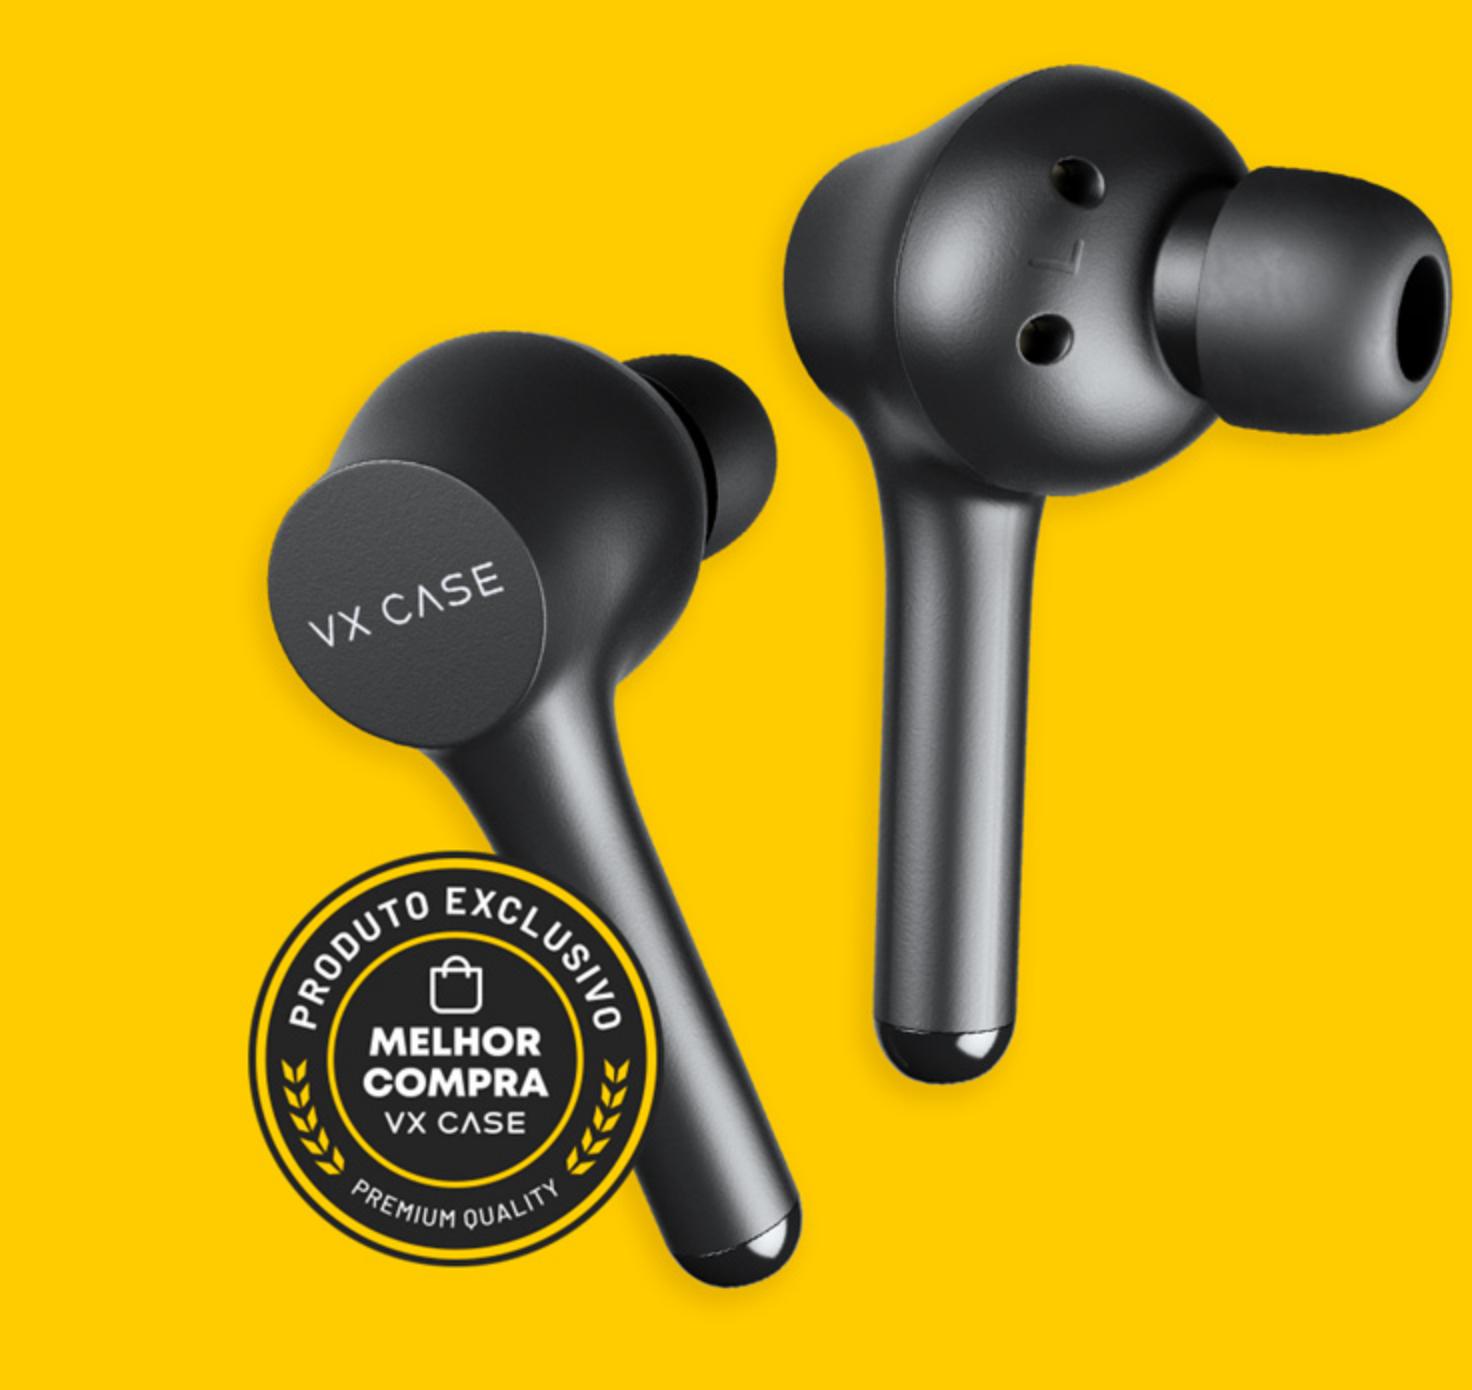 Par de fones de ouvidos VX Pods com selo de qualidade premium VX Case